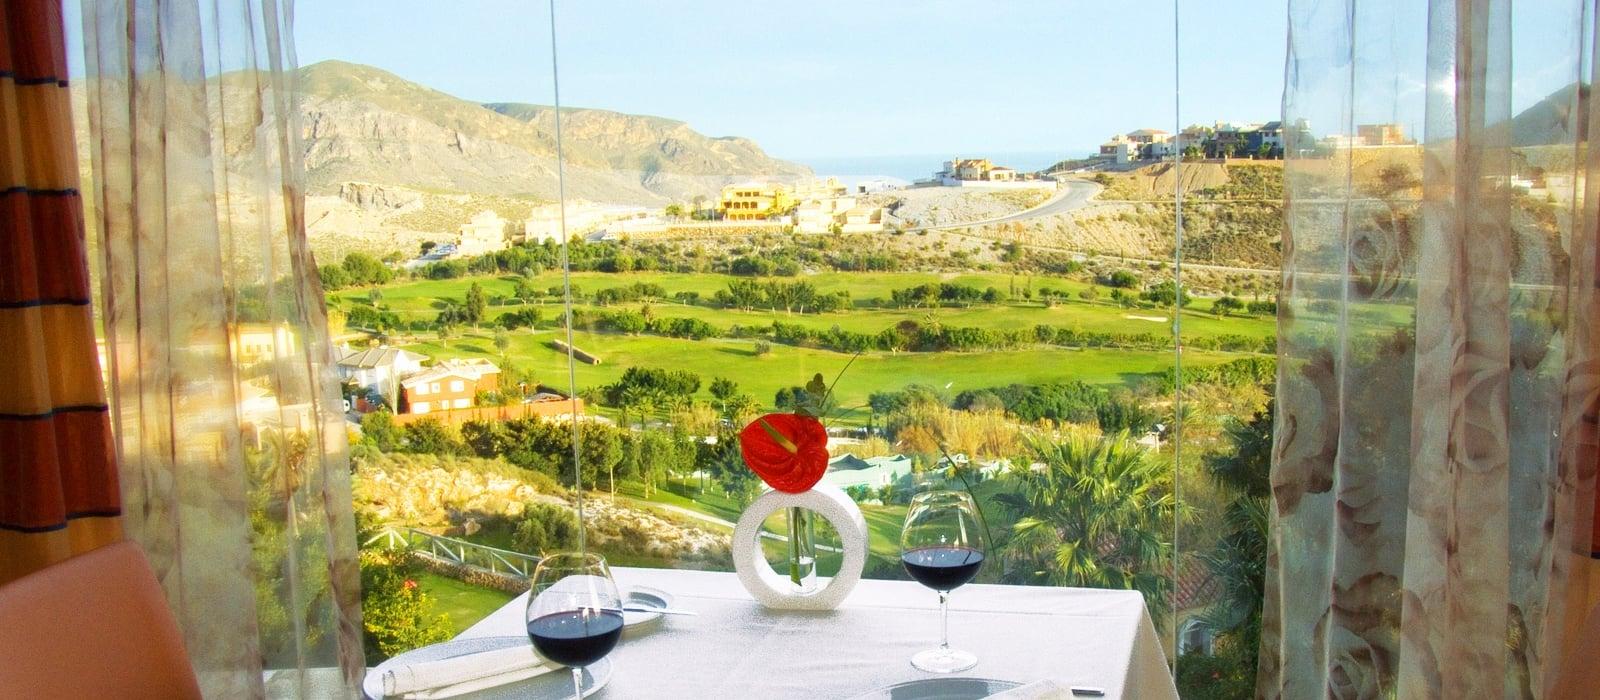 Ristorante El Mirador -  Vincci Selección Envía Almería Wellness & Golf